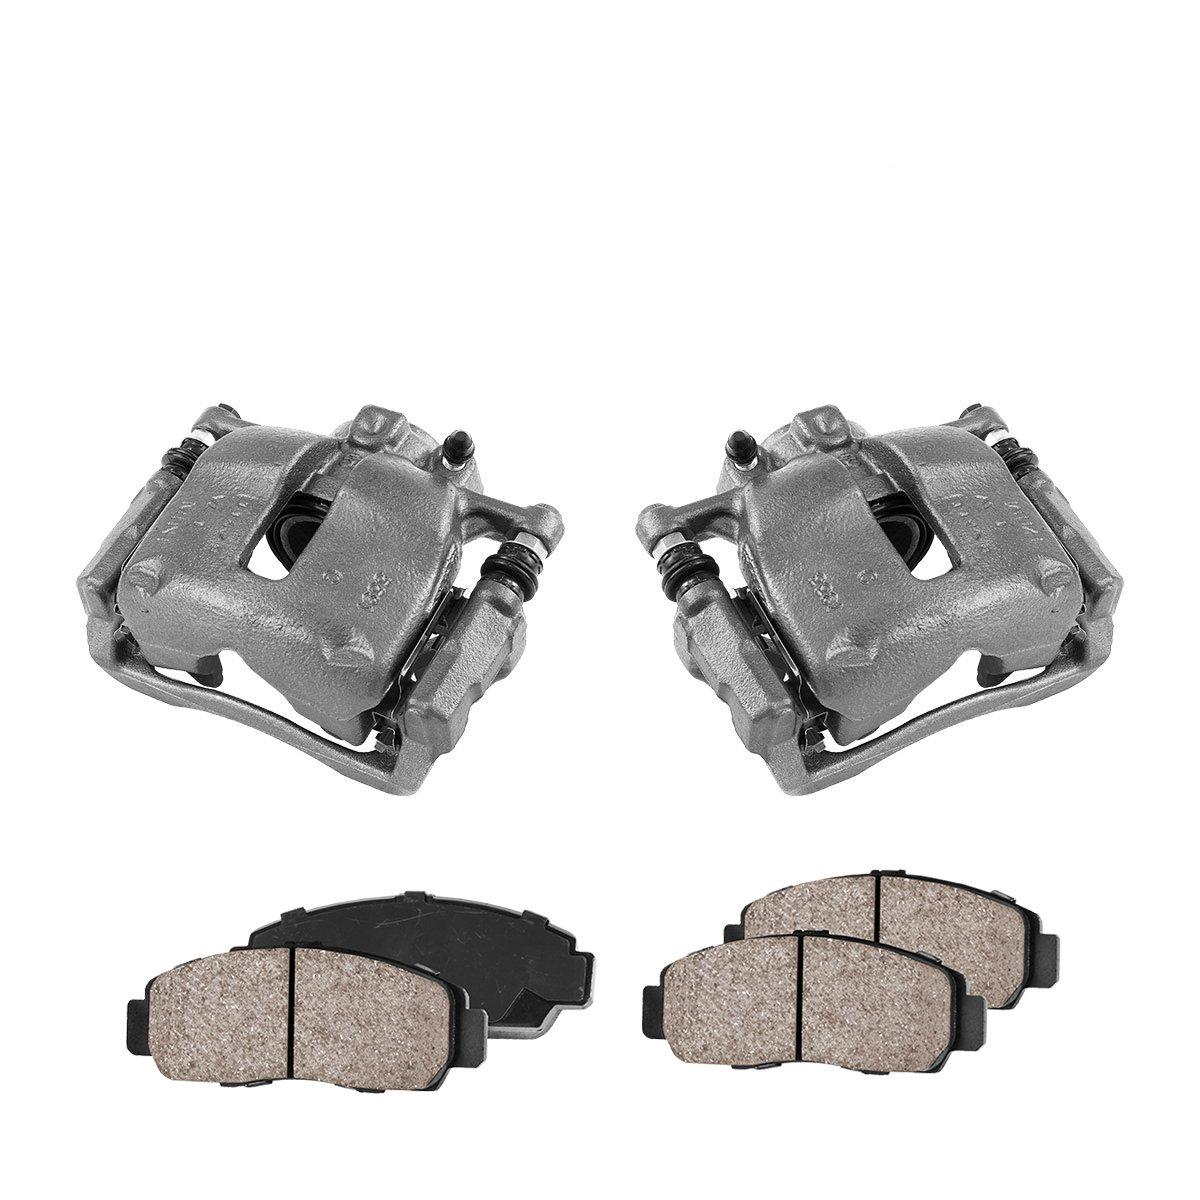 Ceramic Brake Pads Callahan CCK04053 Hardware Brake Kit FRONT Premium Loaded Original Caliper Pair 2